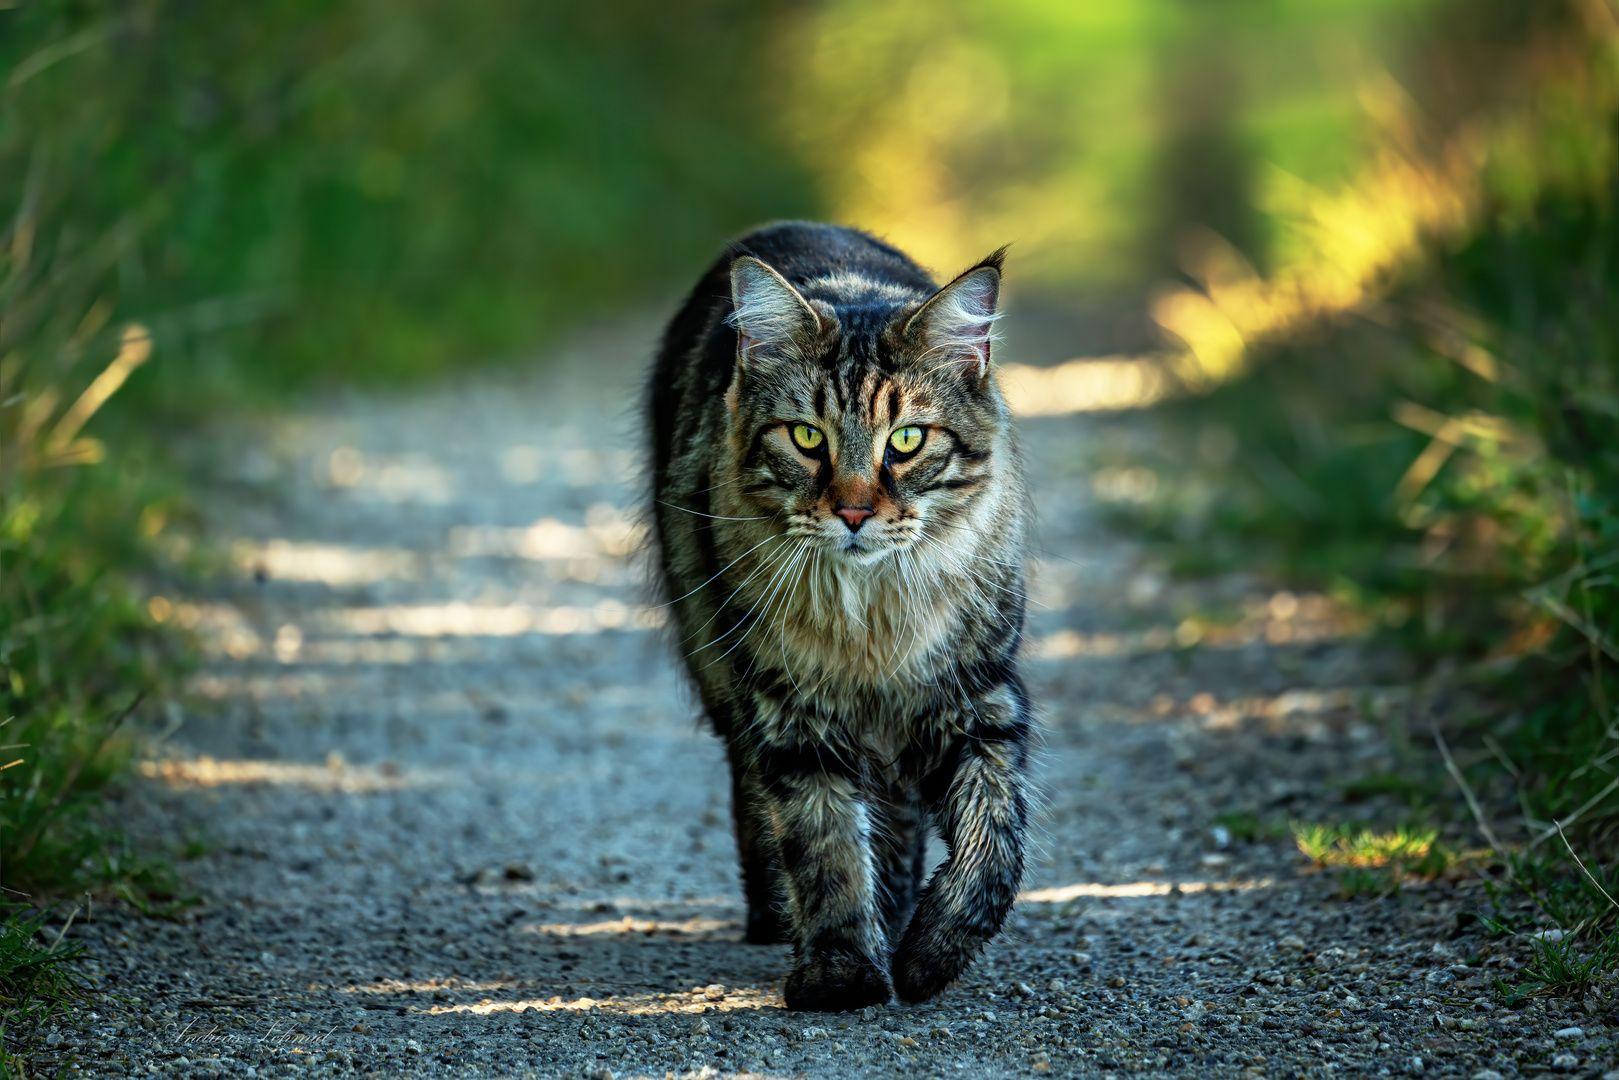 Puschkin Am Nachhauseweg Susse Katzen Ausgestopftes Tier Warrior Cats